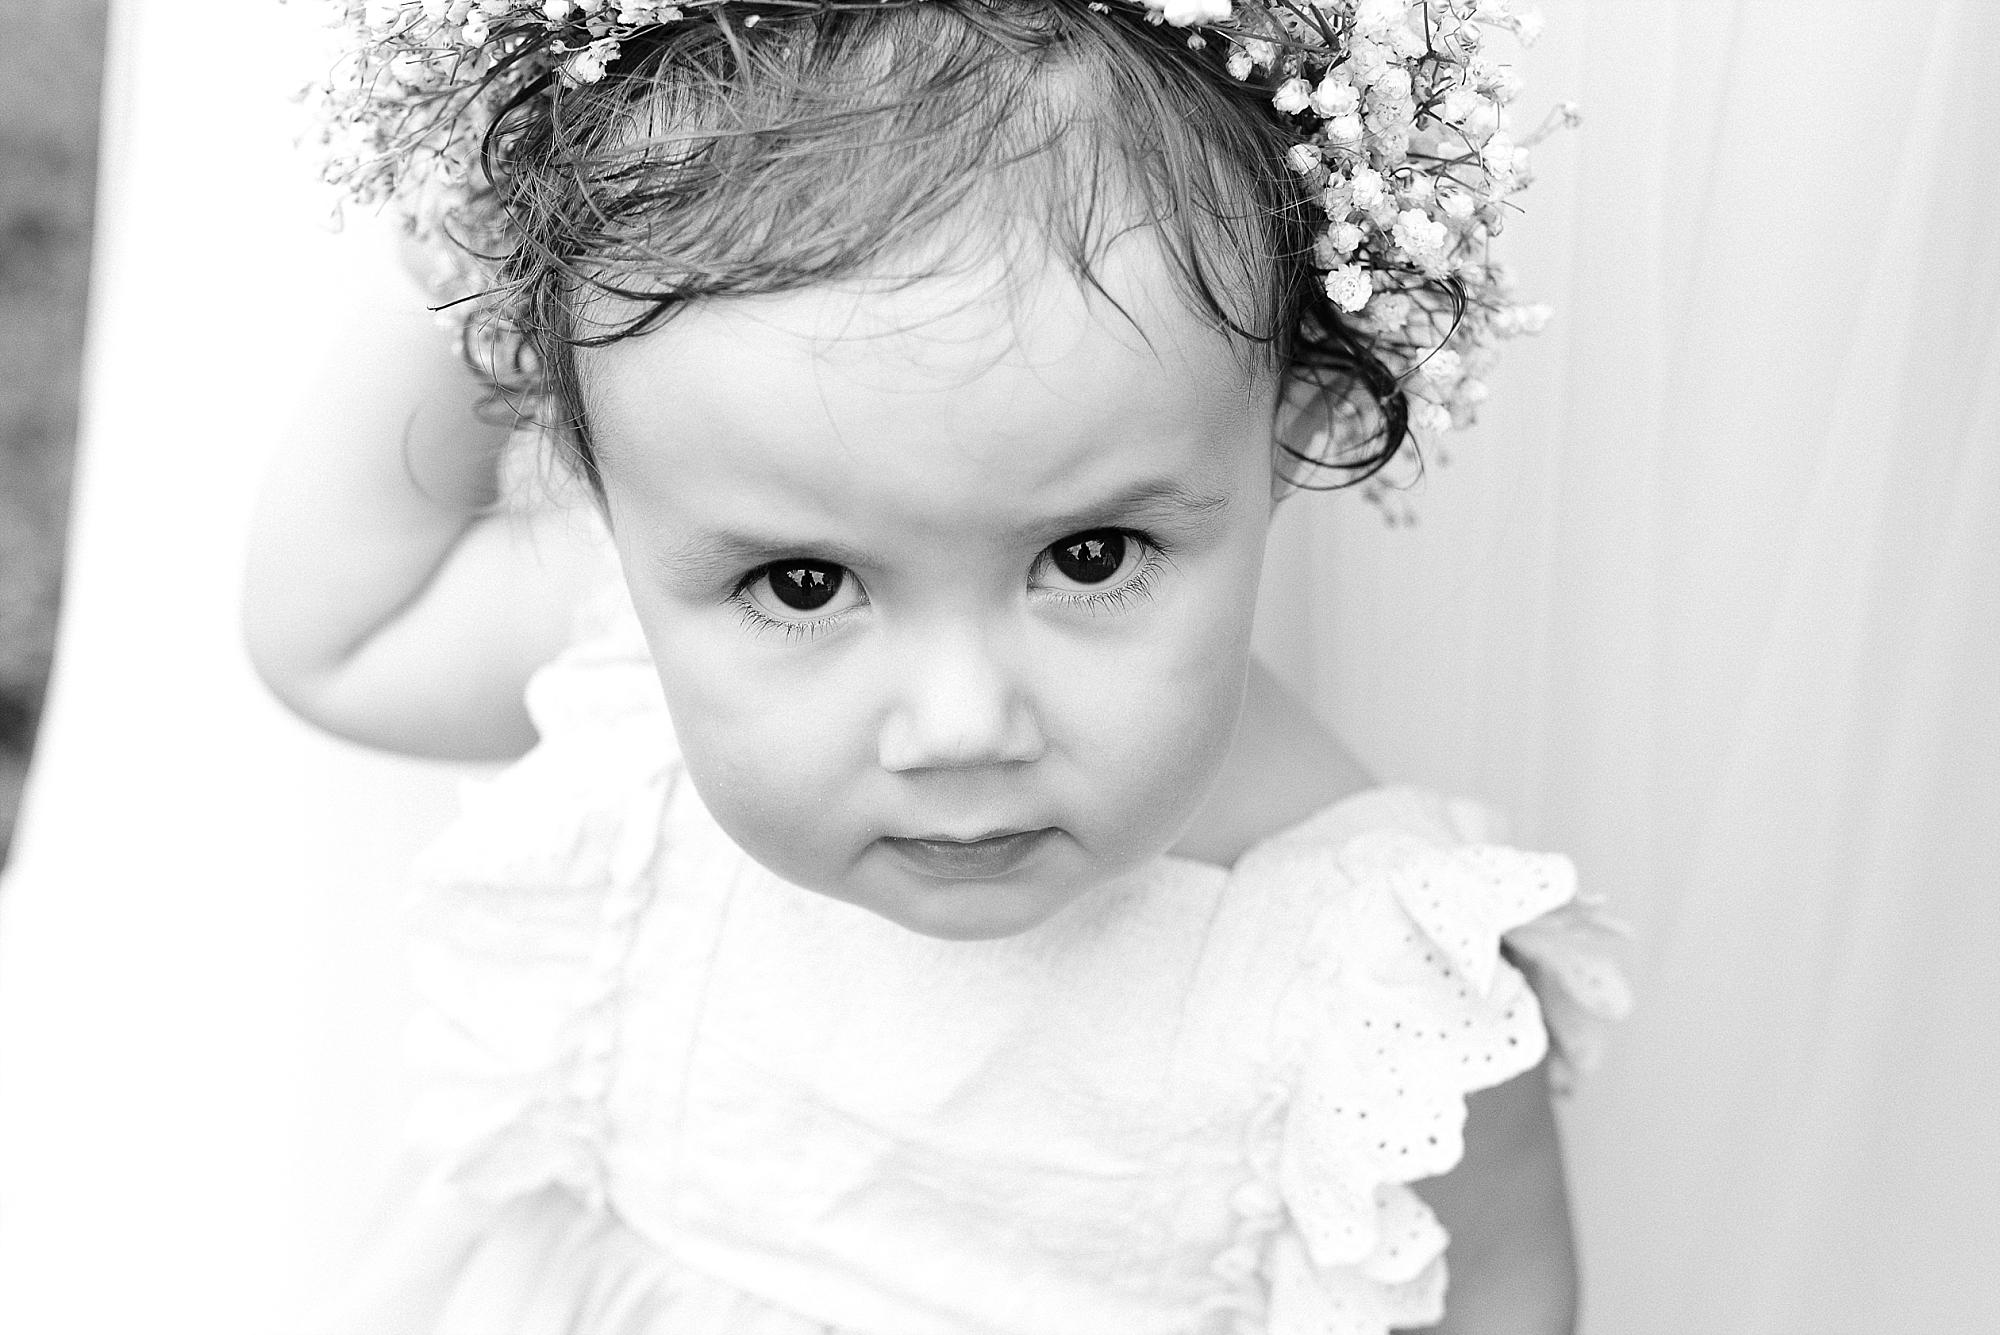 Such a precious little girl!